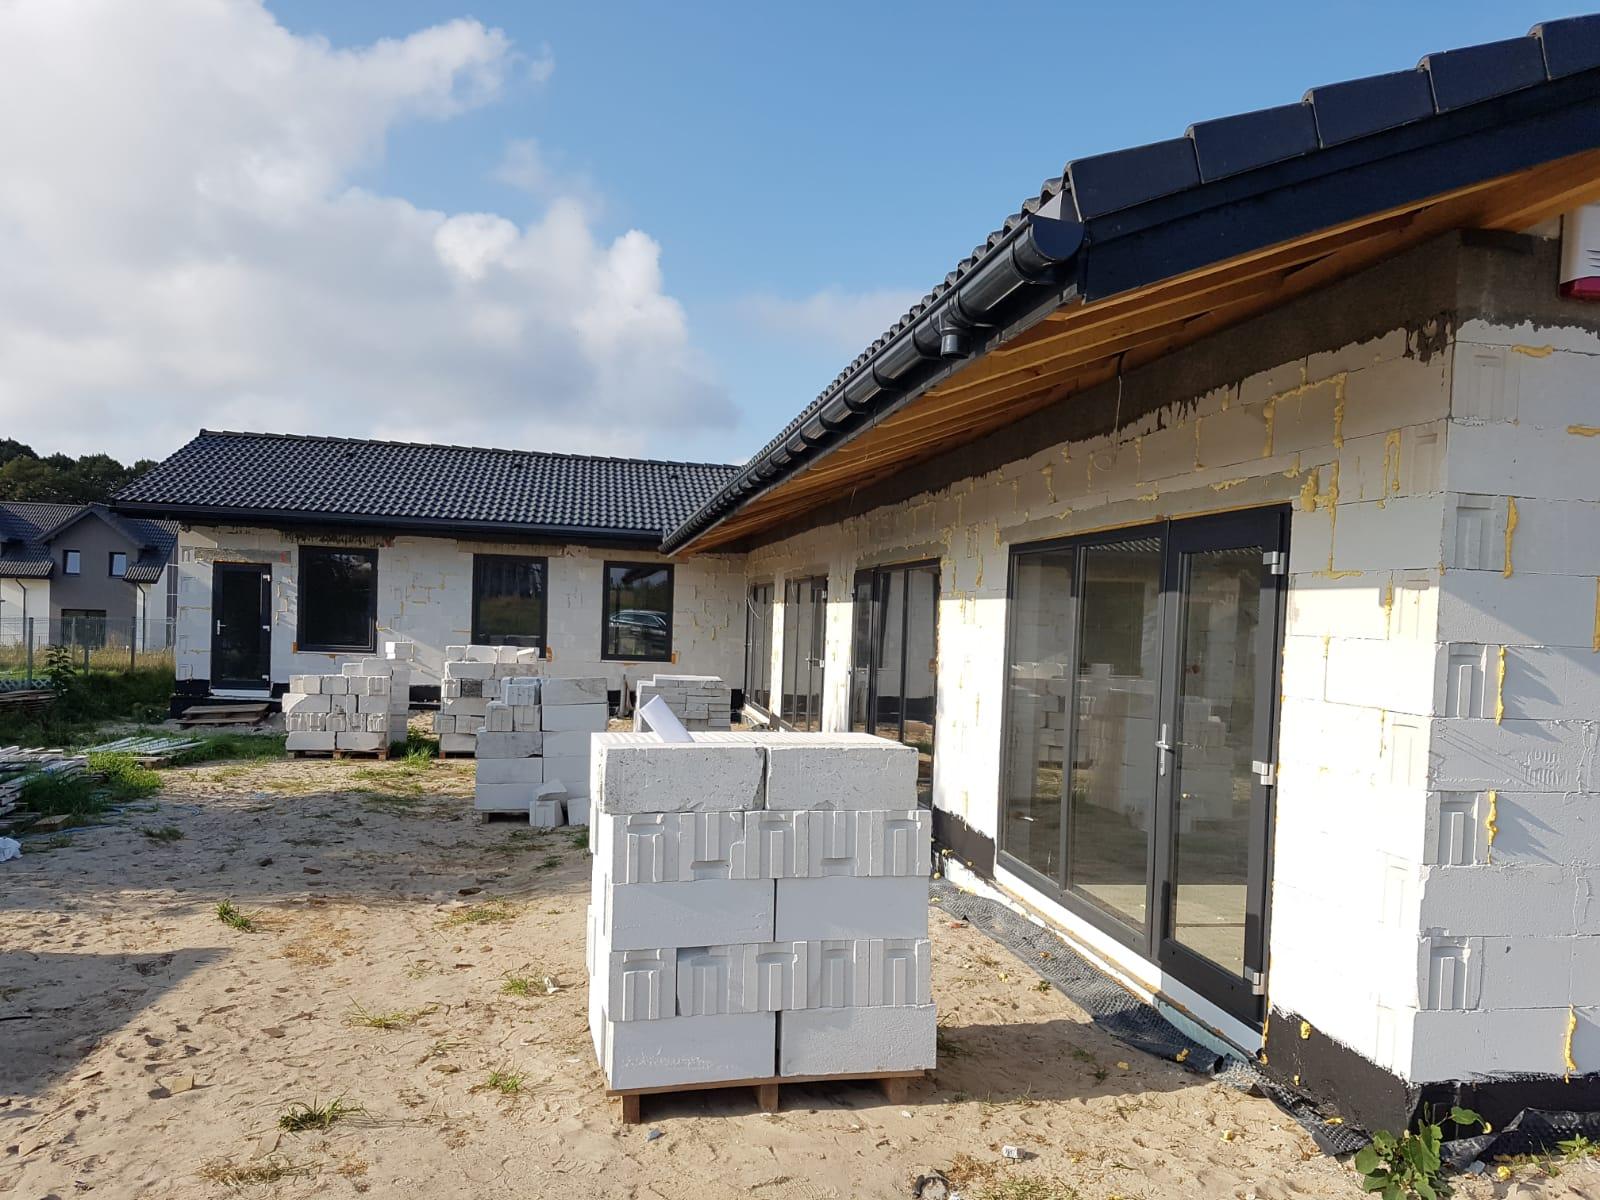 Full Size of Drutefenster Aus Polen Erfahrungsberichte Holz Alu Erfahrungen Drutex Fenster Test Wohnzimmer Drutex Erfahrungen Forum